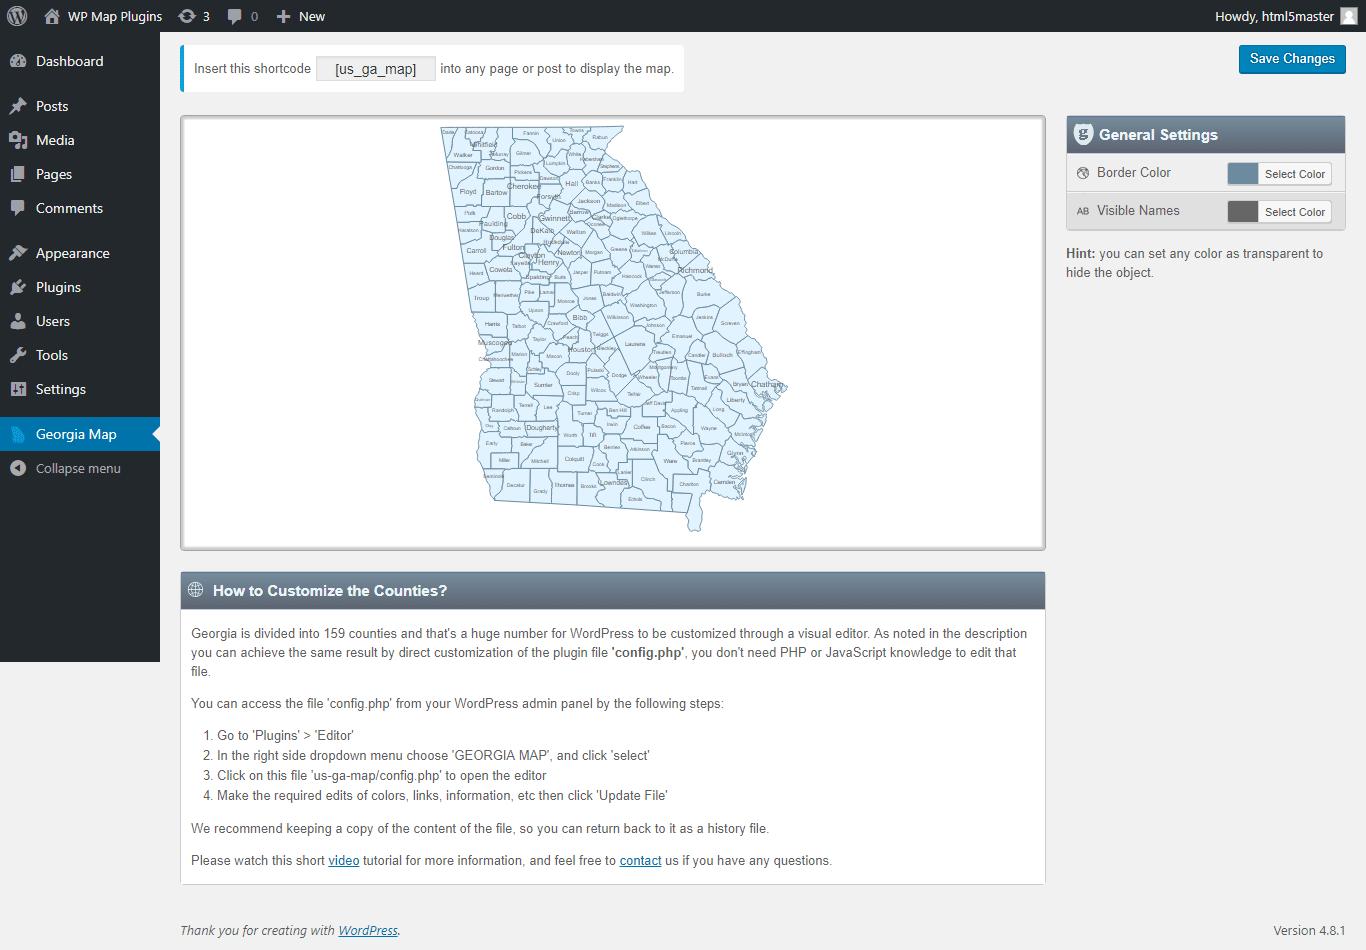 Interactive Map Of Georgia.Interactive Map Of Georgia Wordpress Plugin